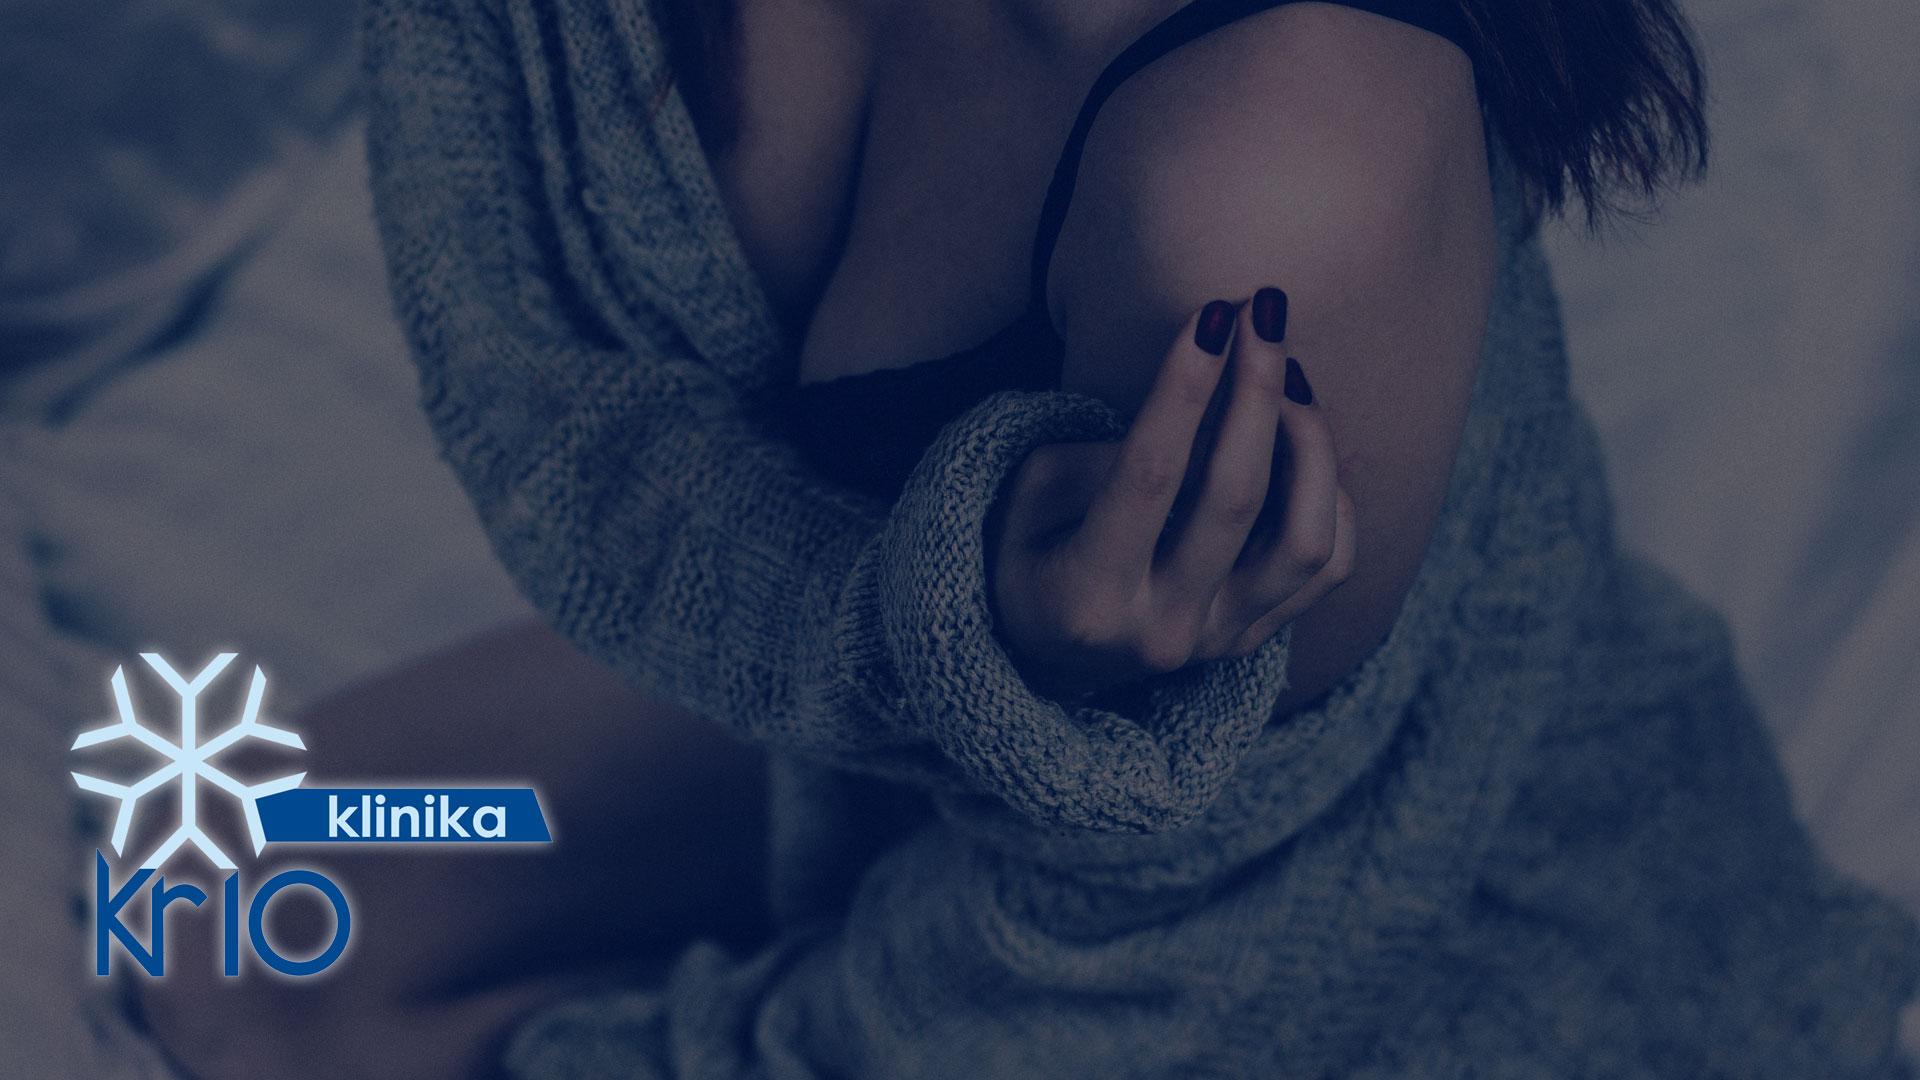 Testkarcsúsítás és cellulit csökkentés